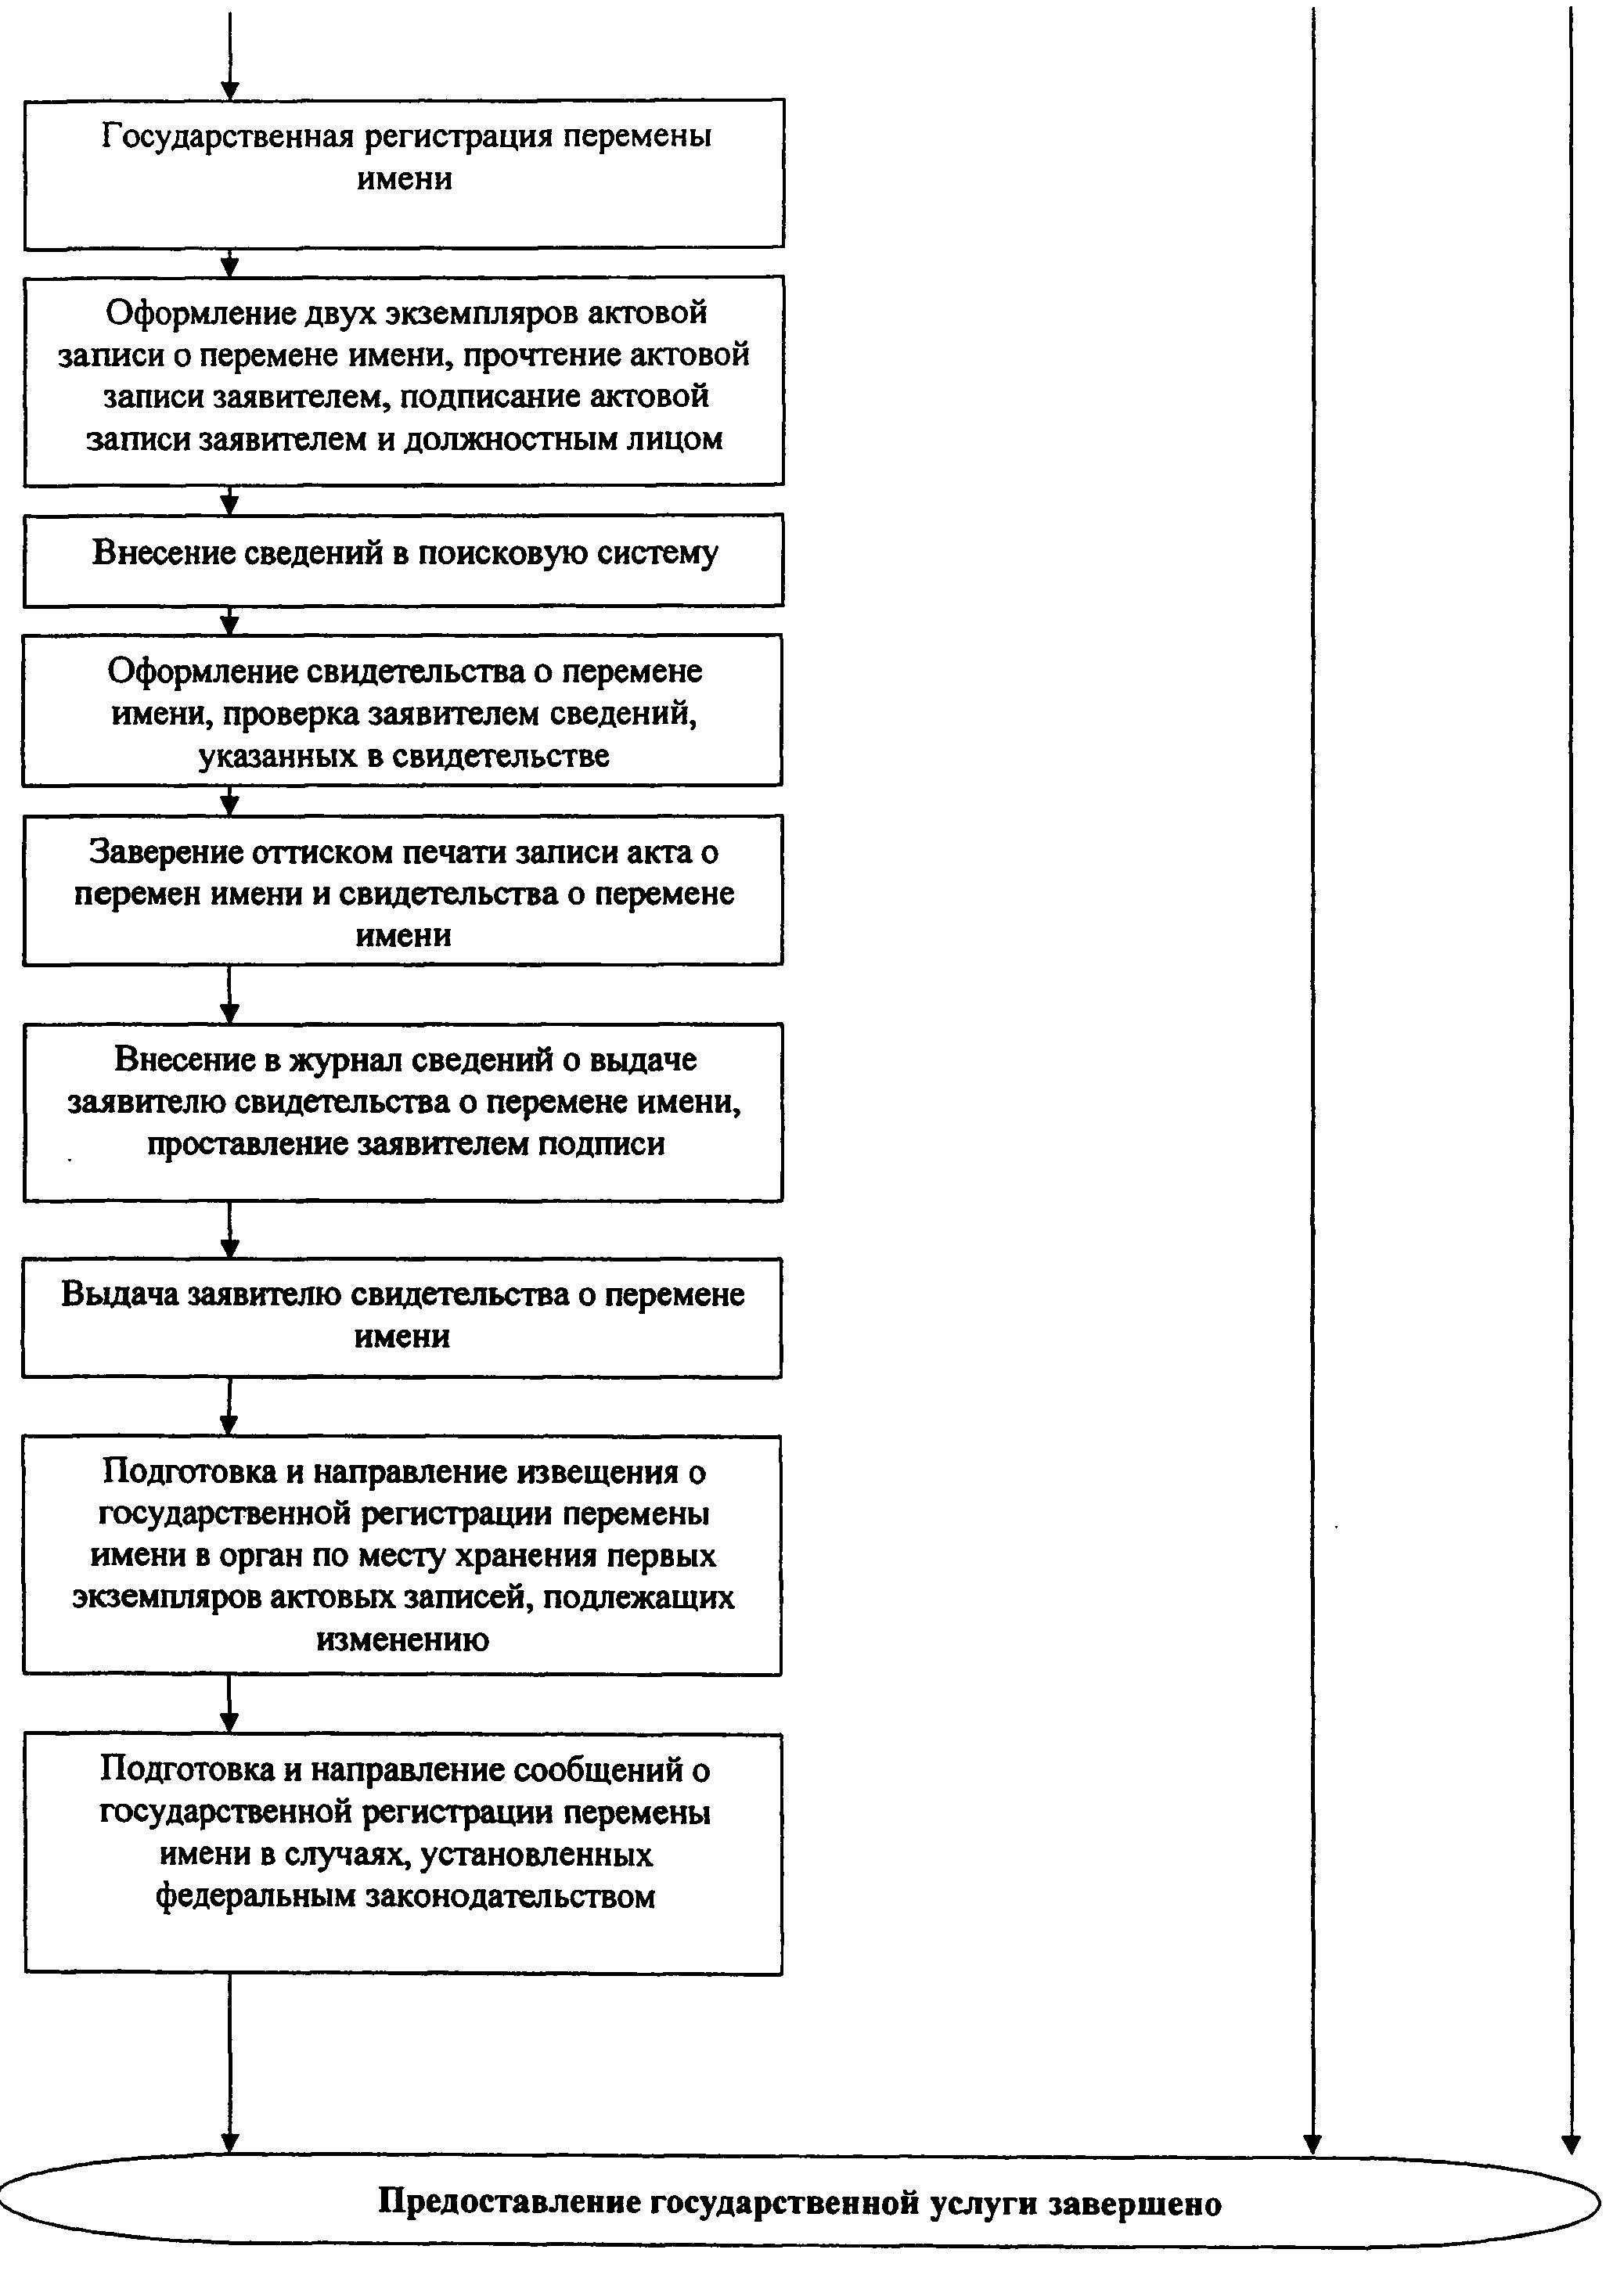 РИС. 15 К ПРИКАЗУ МИНЮСТА РФ ОТ 29.11.2011 N 412